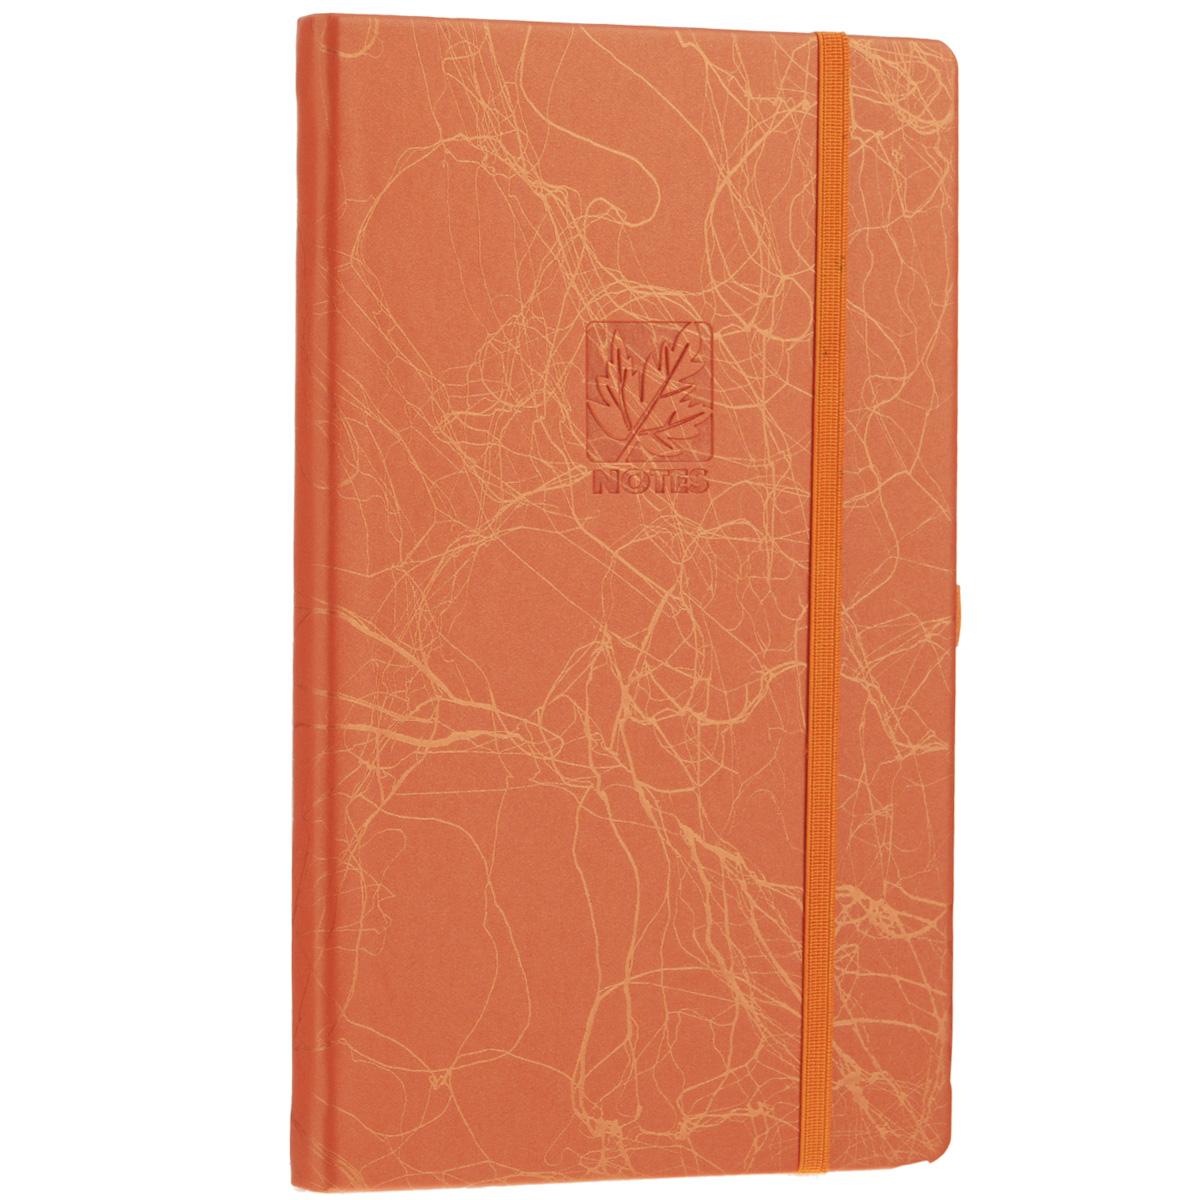 Записная книжка Erich Krause Scribble, цвет: оранжевый, 96 листов36773Записная книжка Erich Krause Scribble - это дополнительный штрих к вашему имиджу. Демократичная в своем содержании, книжка может быть использована не только для личных пометок и записей, но и как недатированный ежедневник. Надежная твердая обложка из плотного картона, обтянутого искусственной кожей, сохранит ее в аккуратном состоянии на протяжении всего времени использования. Плотная в линейку бумага белого цвета, закладка-ляссе, практичные скругленные углы, эластичная петелька для ручки и внутренний бумажный карман на задней обложке - все это обеспечит вам истинное удовольствие от письма. В начале книжки имеется страничка для заполнения личных данных владельца, четыре страницы для заполнения адресов, телефонов и интернет-почты и четыре страницы для заполнения сайтов и ссылок. Благодаря небольшому формату книжку легко взять с собой. Записная книжка плотно закрывается при помощи фиксирующей резинки.